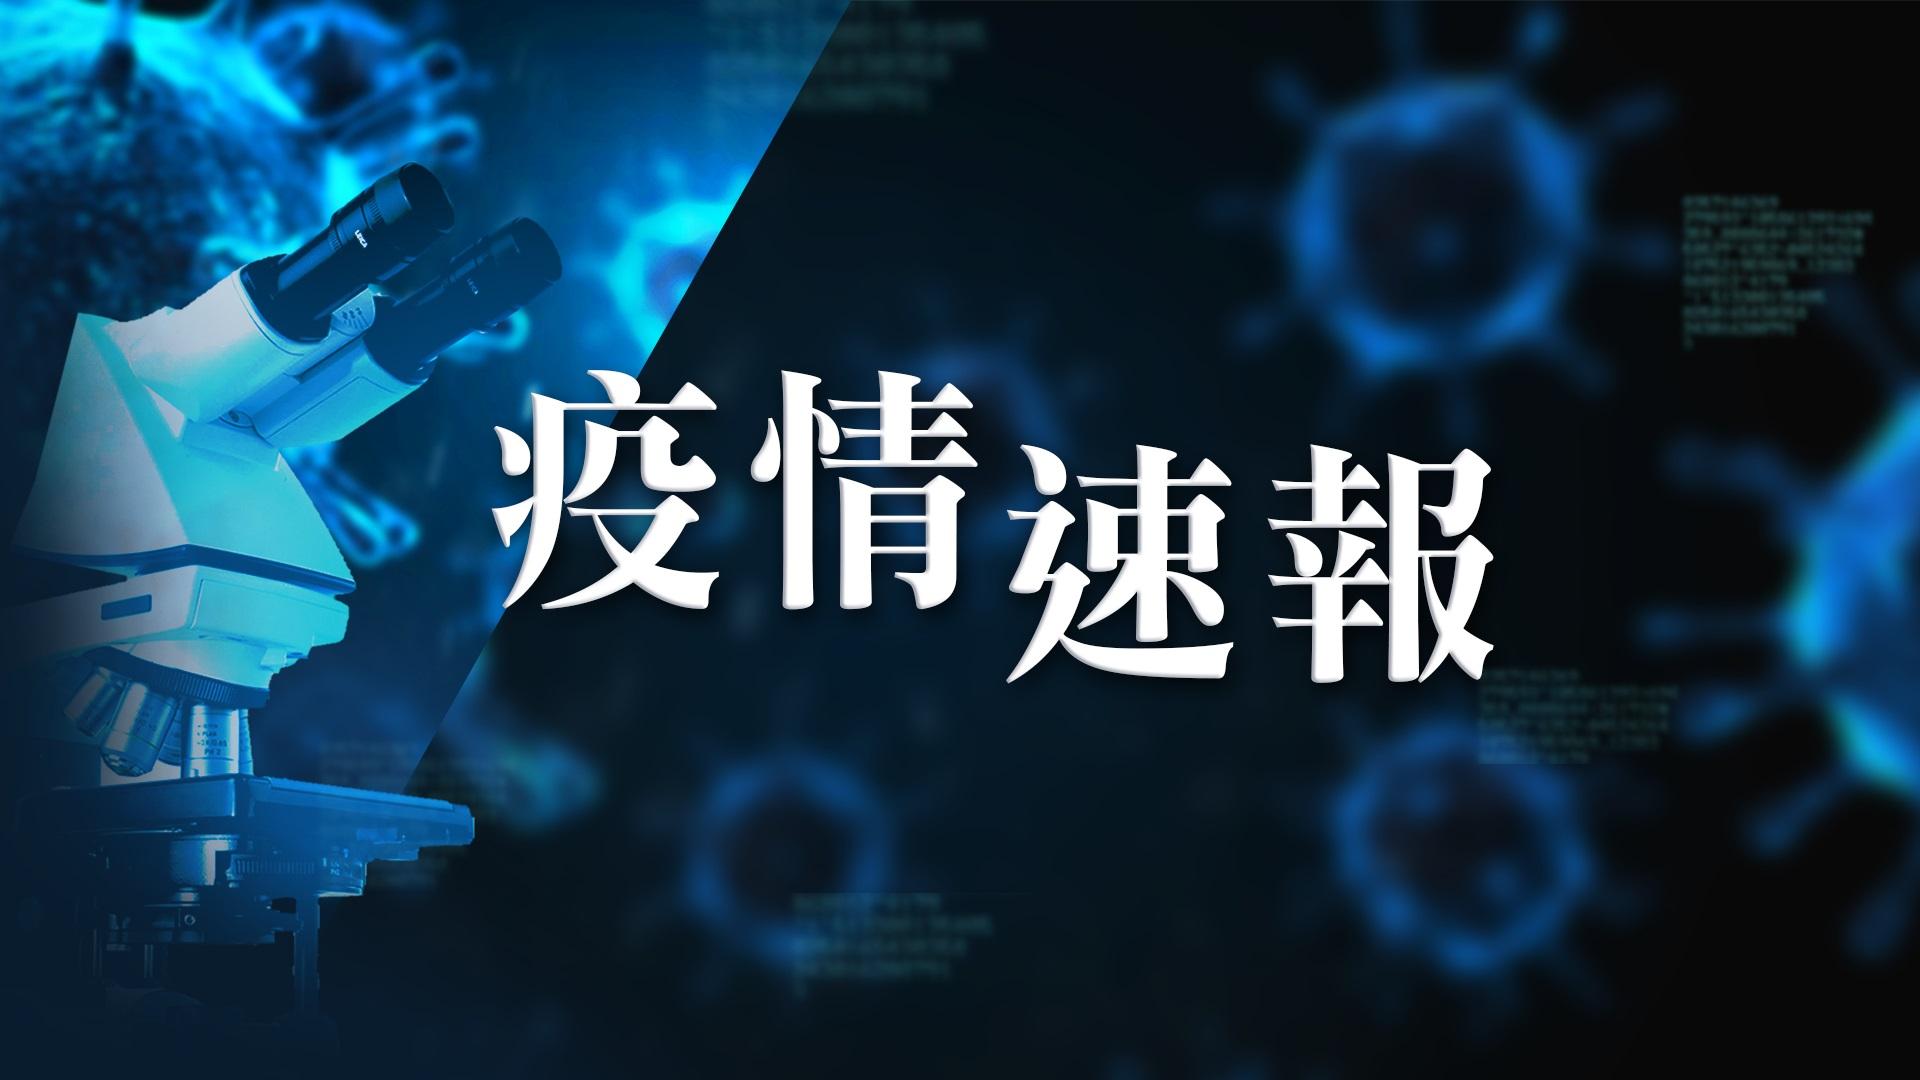 【2月11日疫情速報】(22:05)